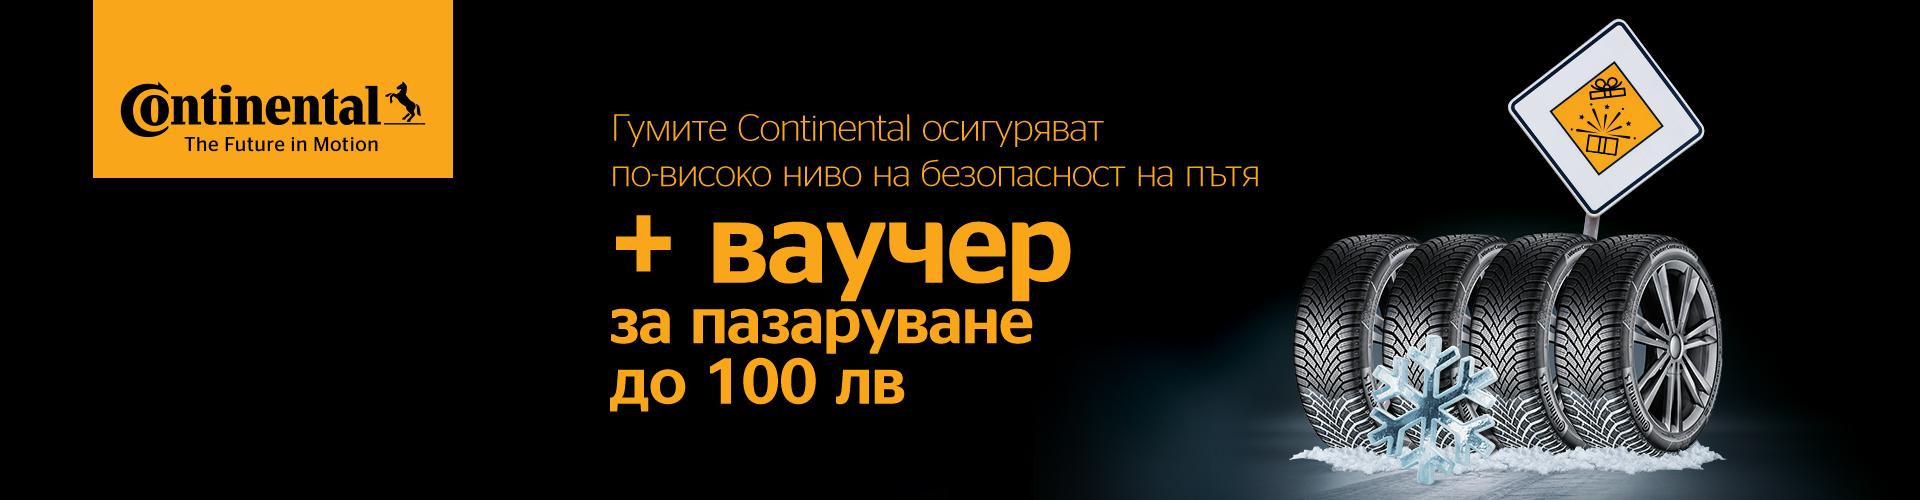 continental_oct-nov_2019_banner.jpg